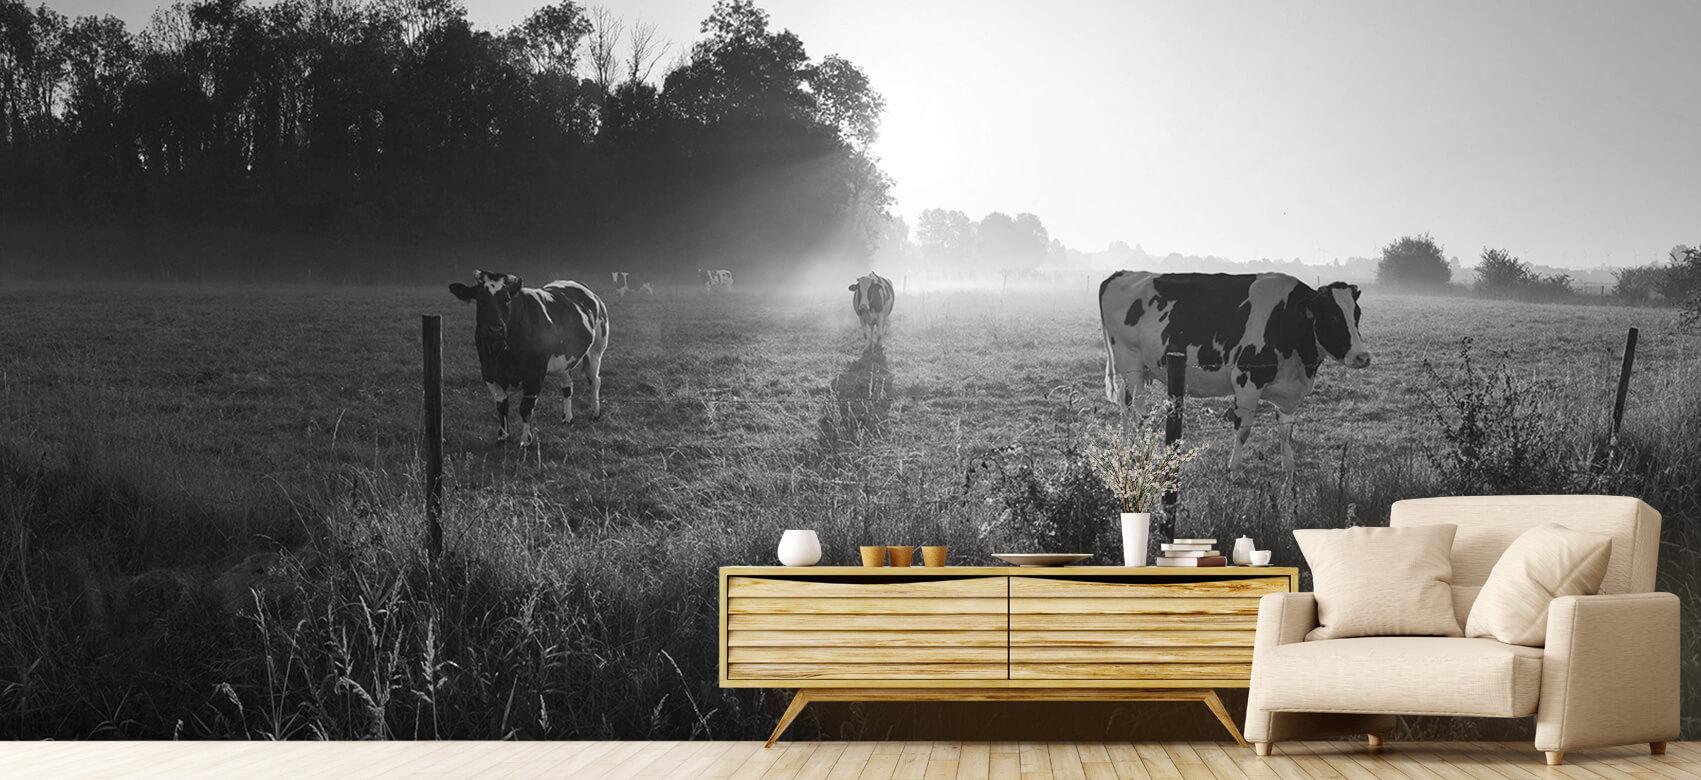 Dieren Koe tijdens zonsopkomst 7